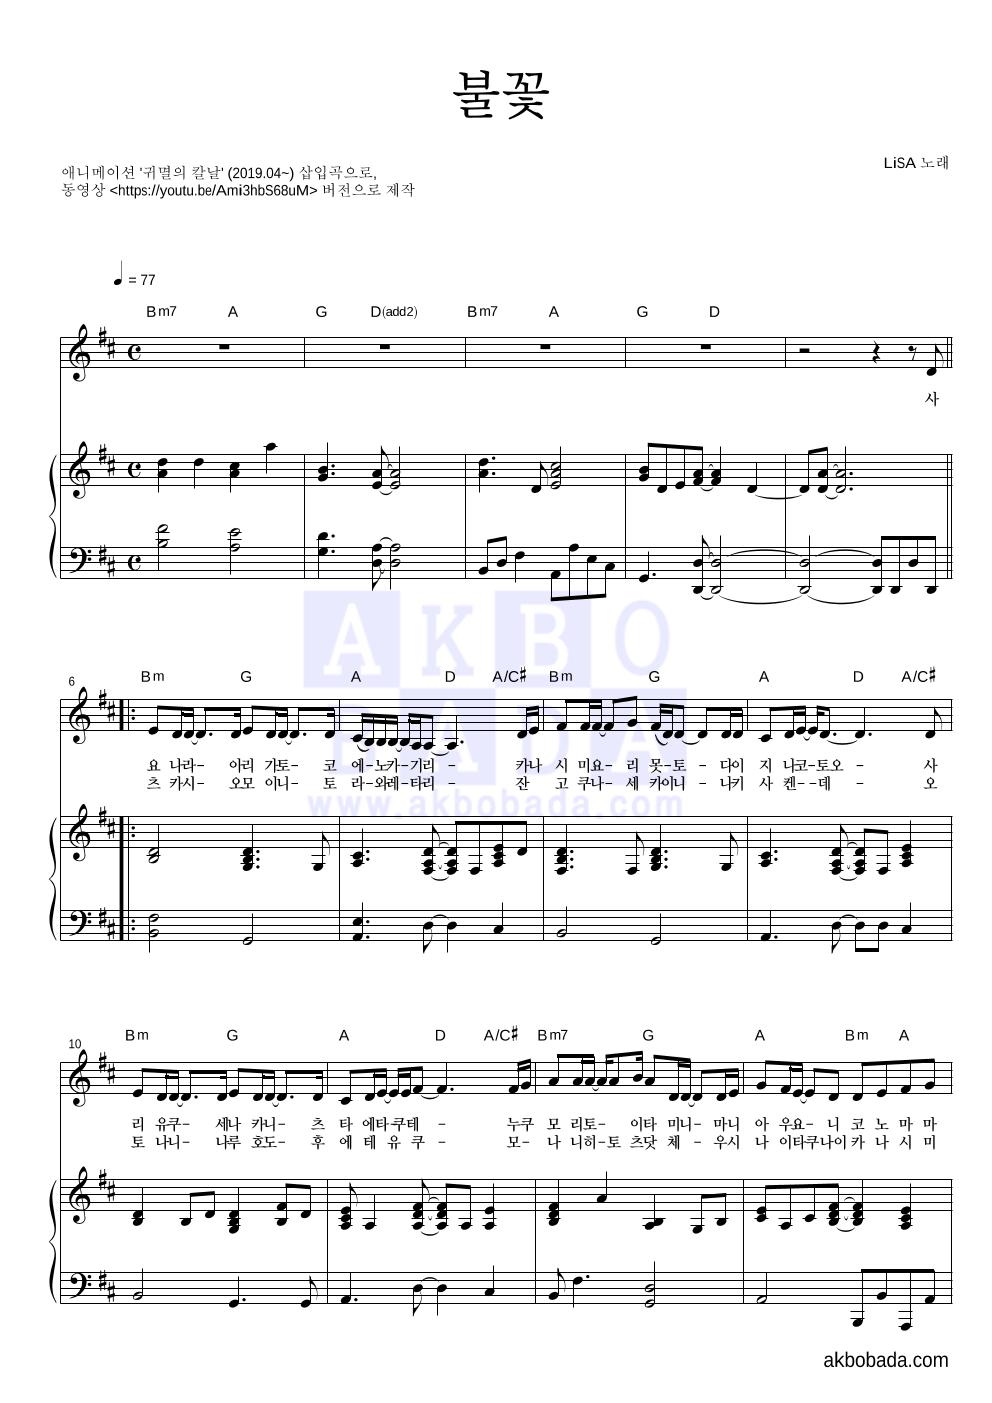 귀멸의 칼날 OST - 불꽃 피아노 3단 악보